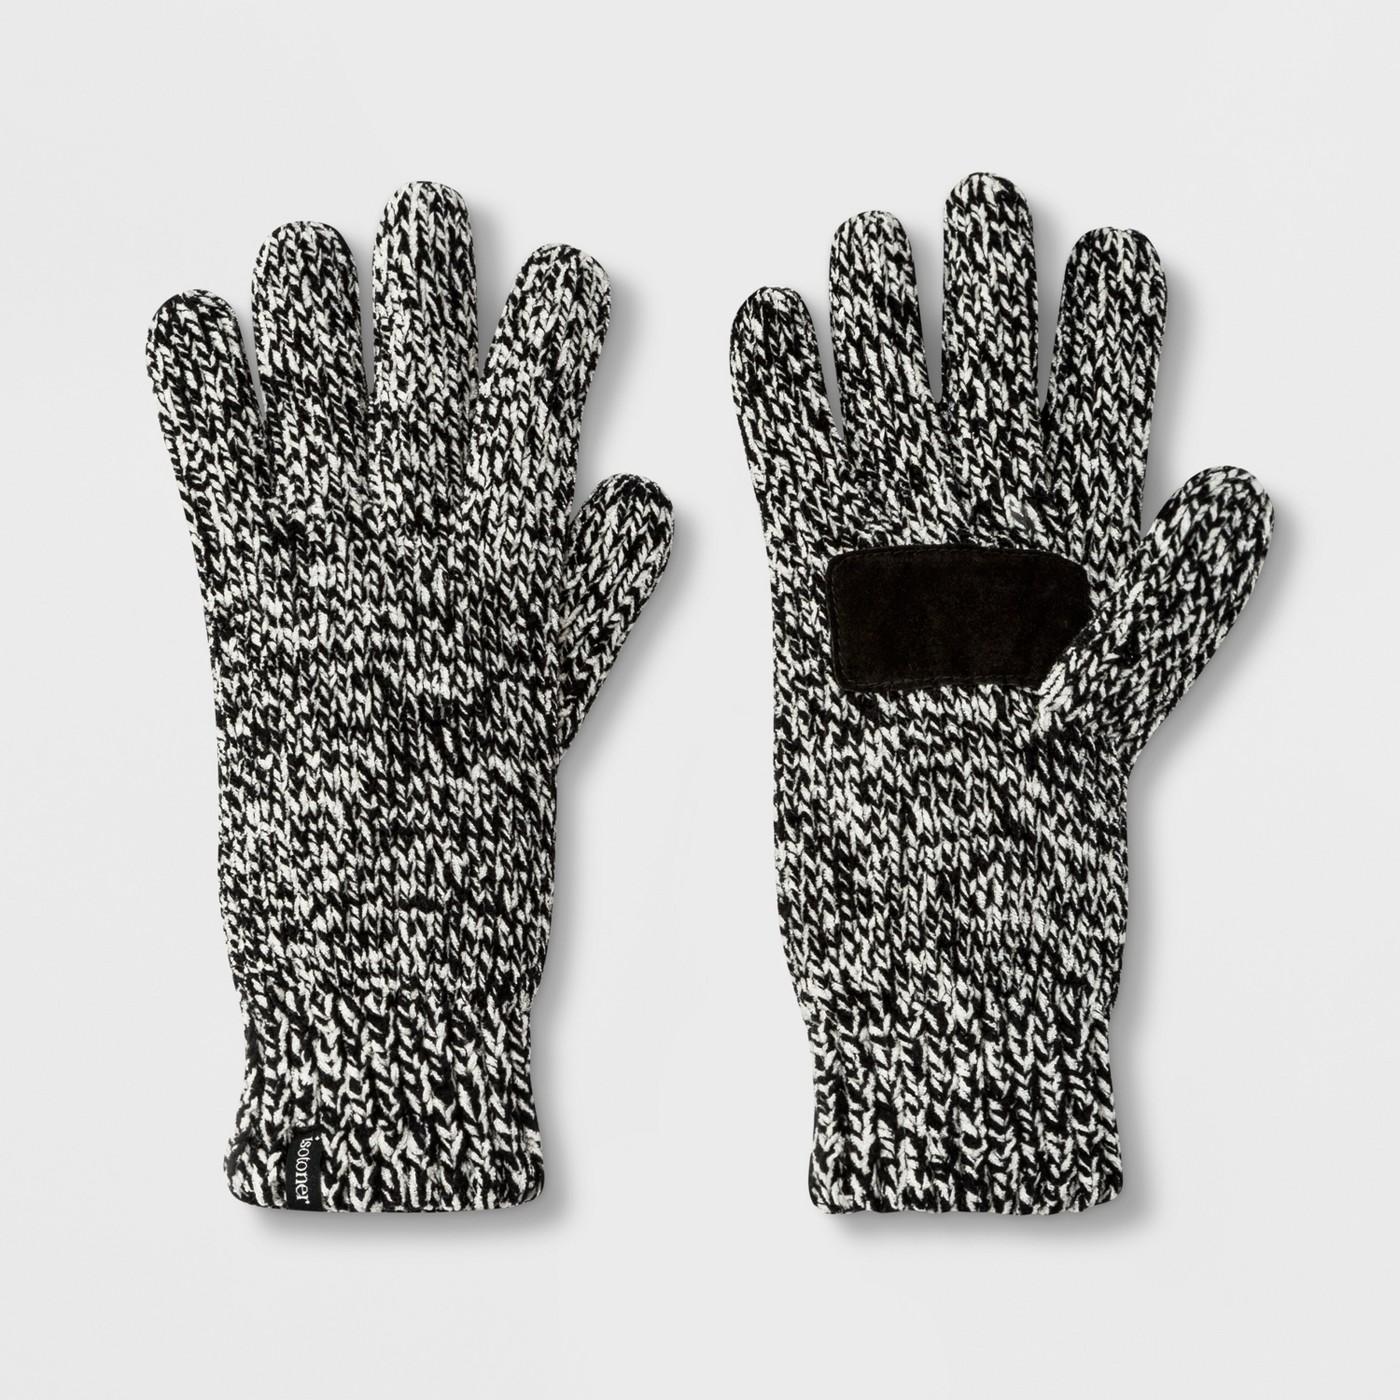 Black + White Gloves